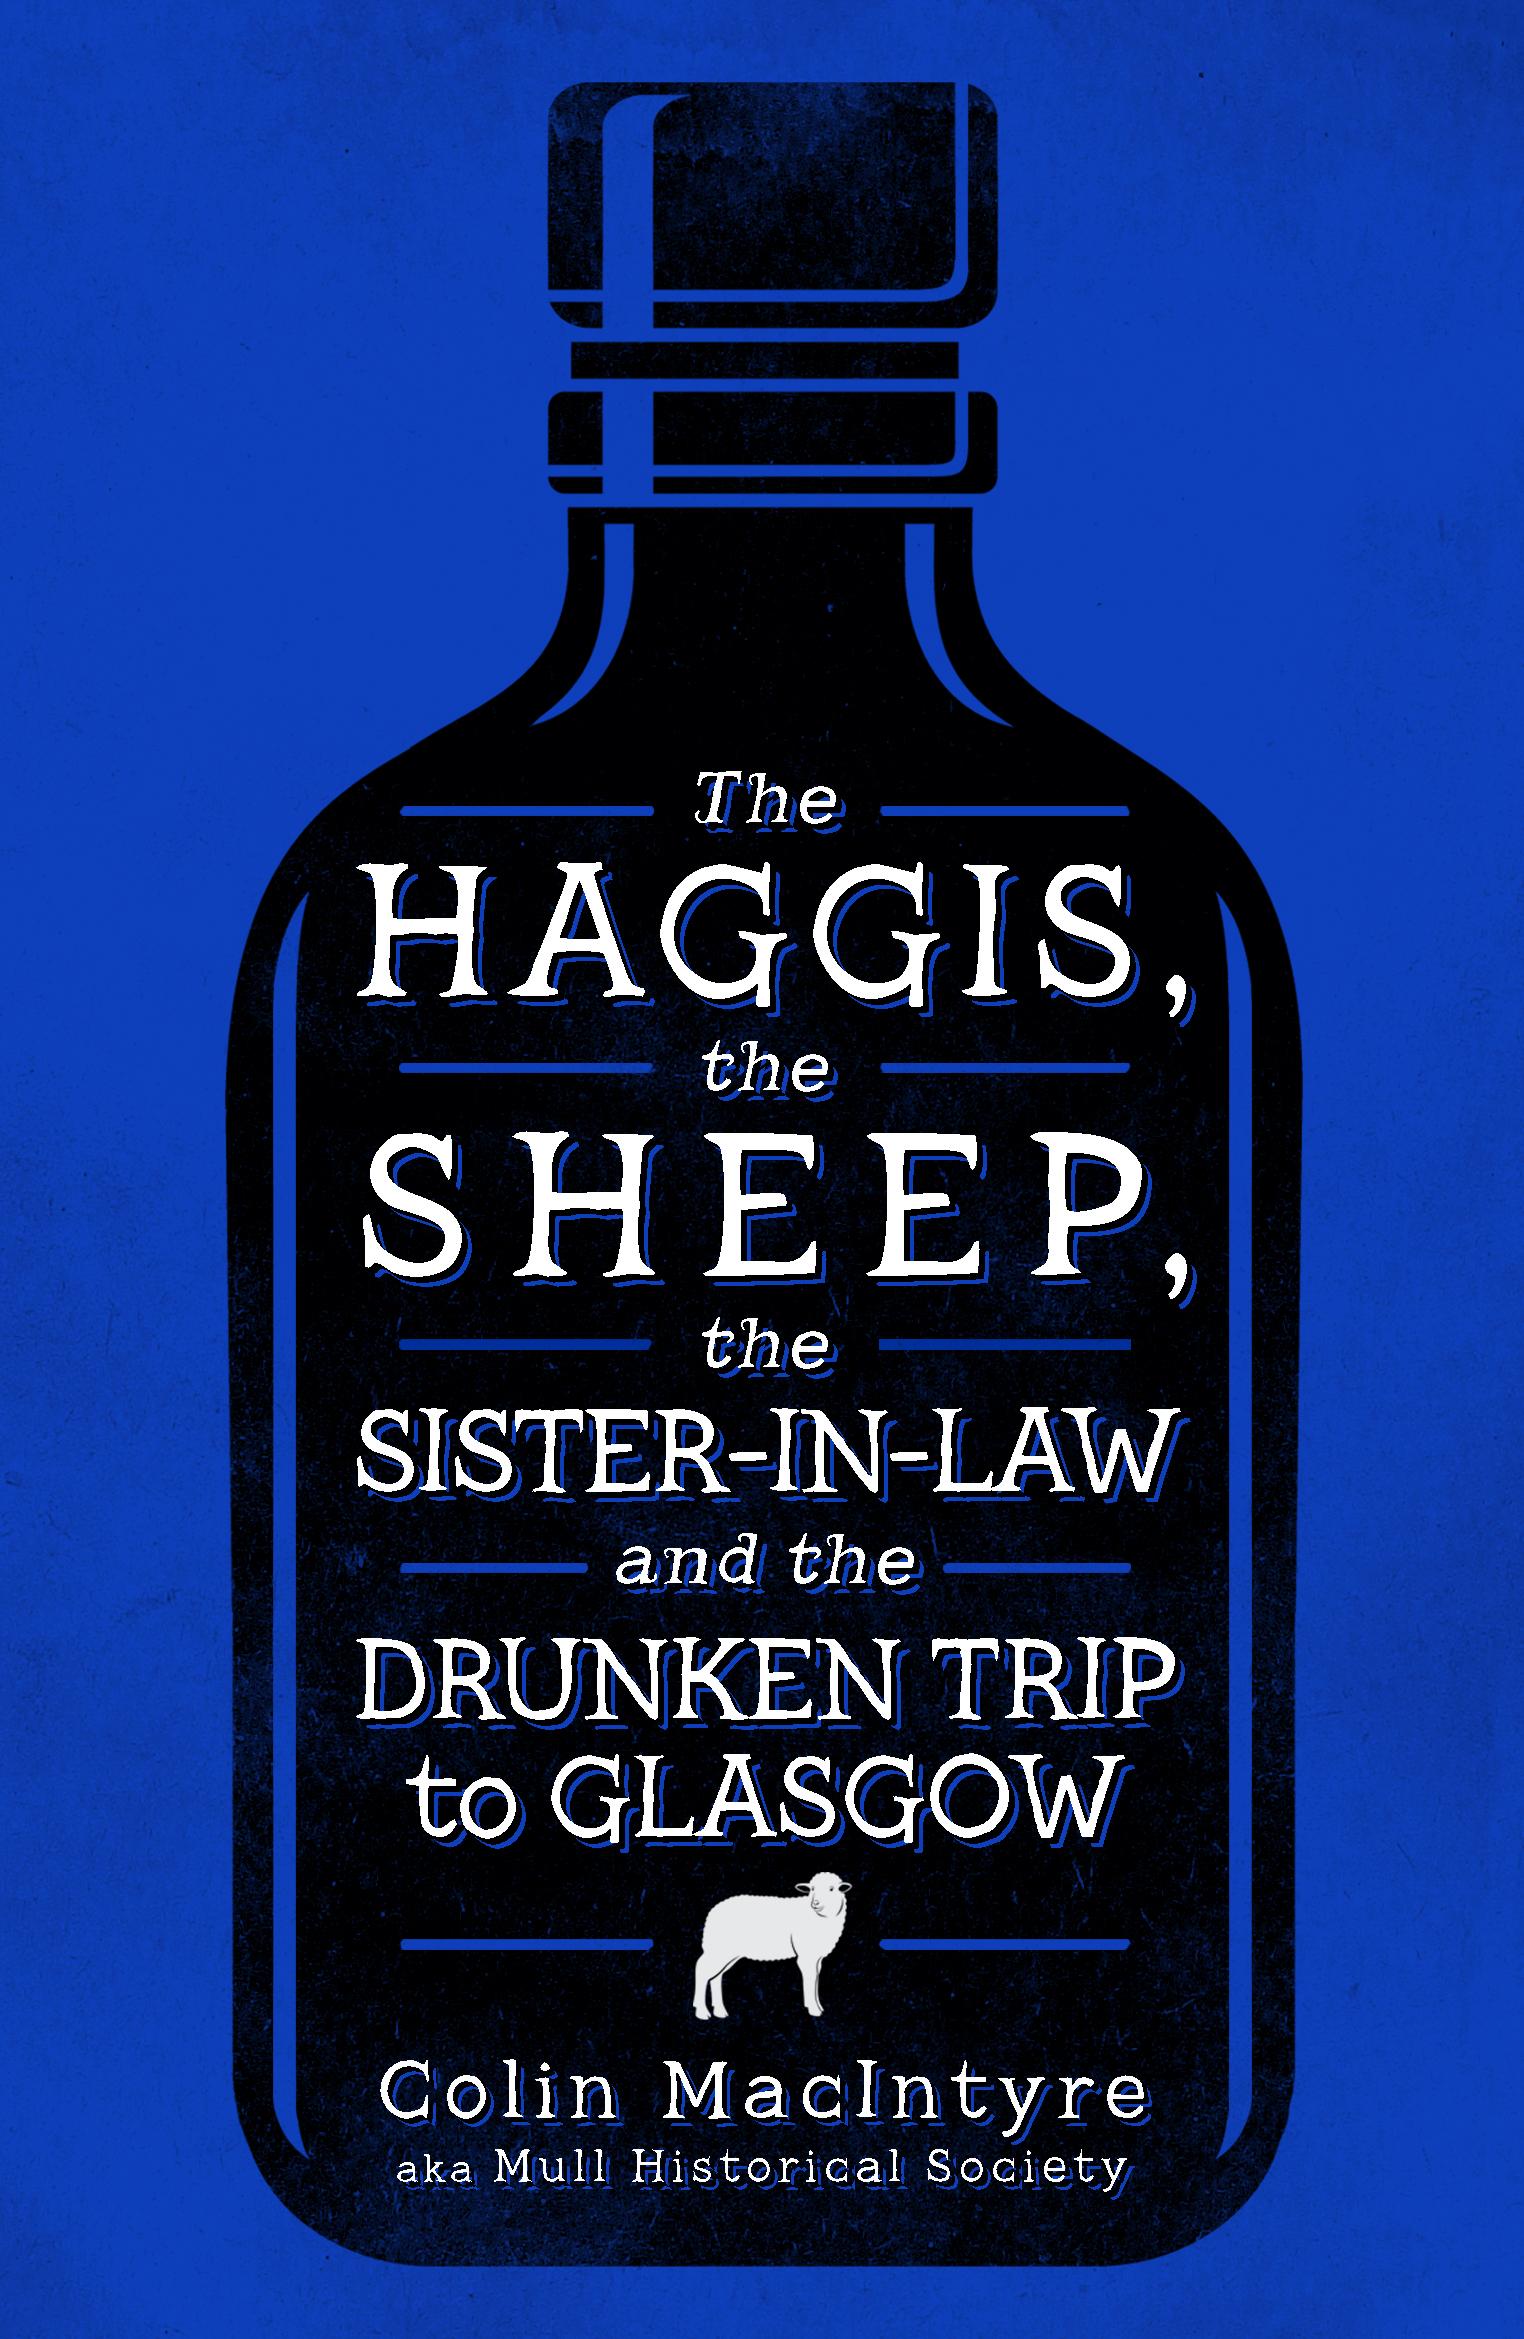 Haggis Sheep